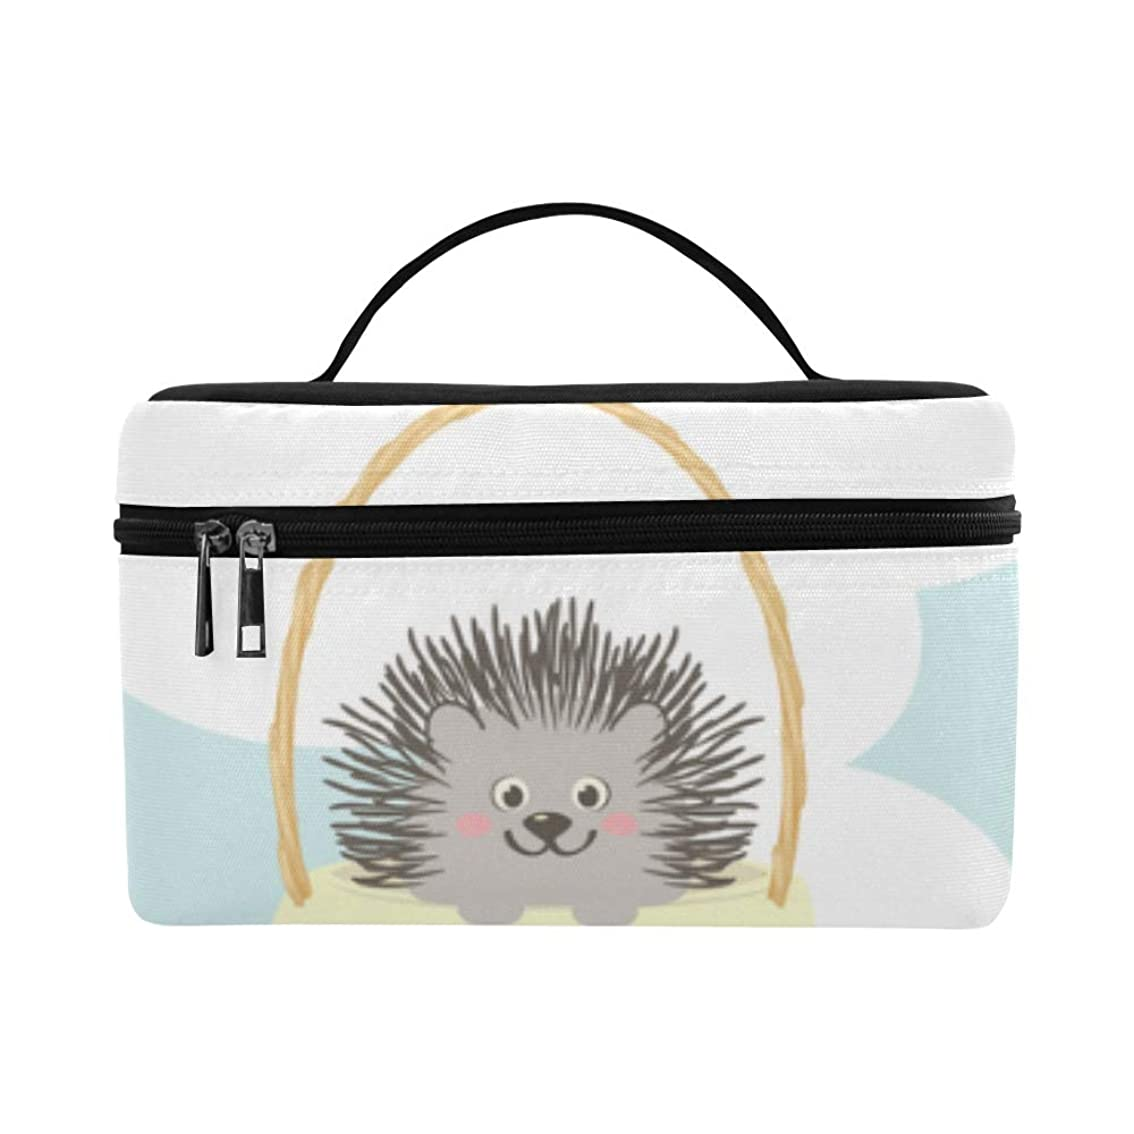 むちゃくちゃスポンサー立法GXMAN メイクボックス ハリネズミ 風船 コスメ収納 化粧品収納ケース 大容量 収納ボックス 化粧品入れ 化粧バッグ 旅行用 メイクブラシバッグ 化粧箱 持ち運び便利 プロ用